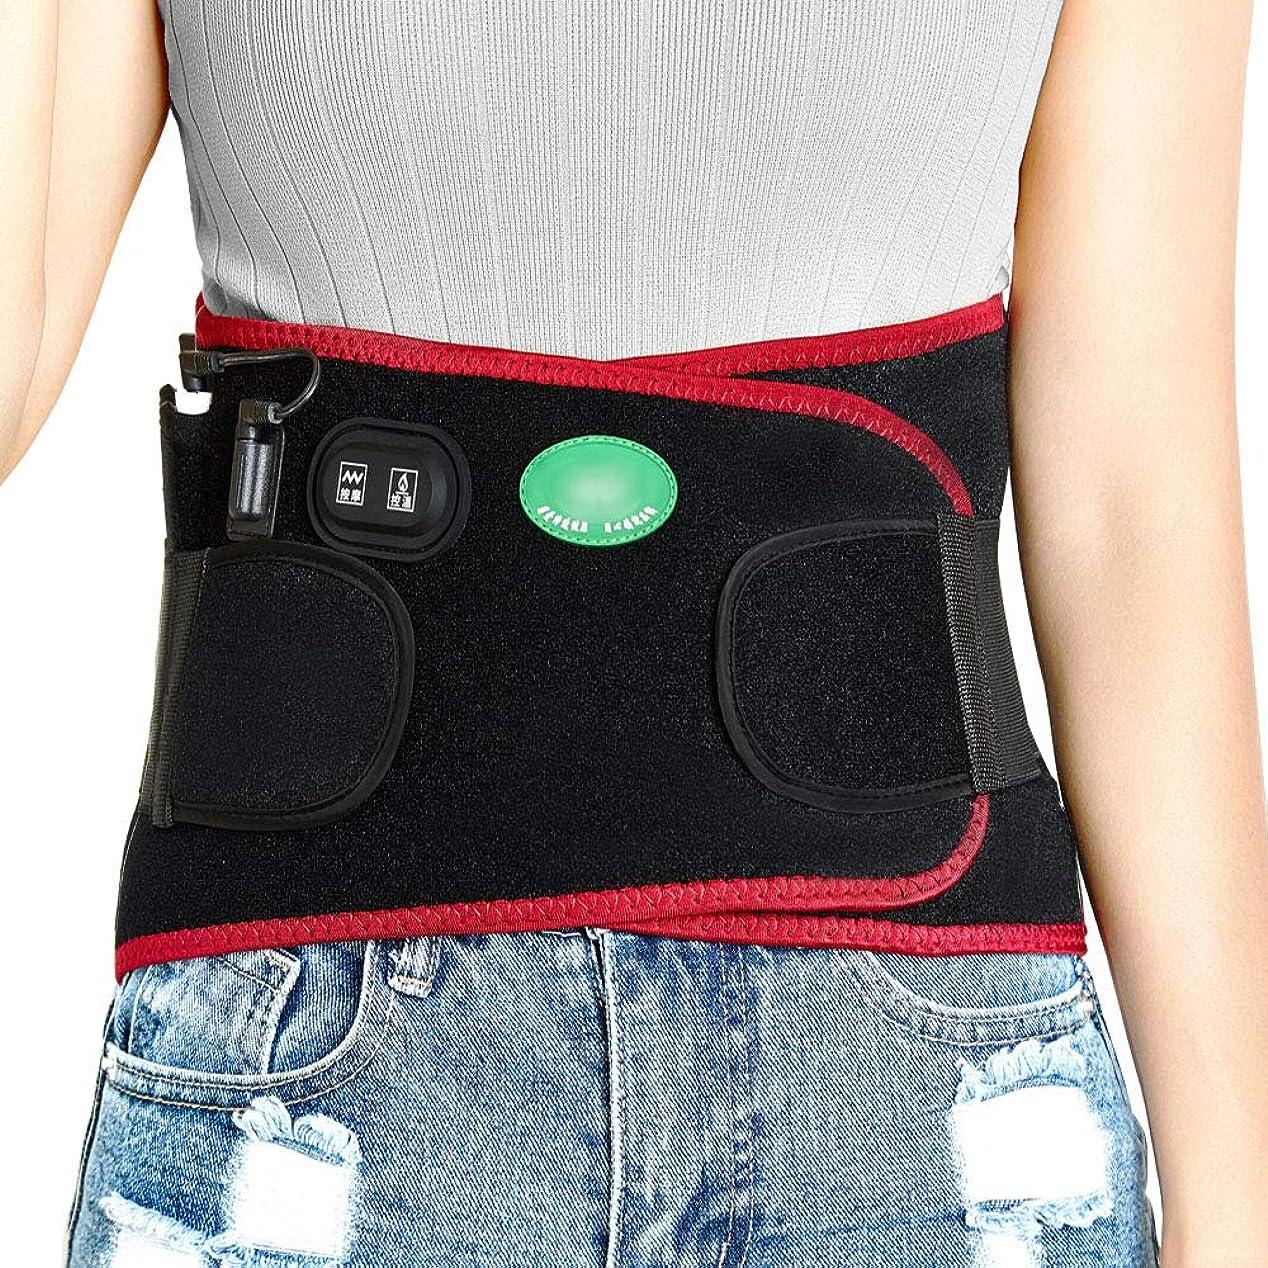 取り出すたらい役職腰用温熱ベルト 腰を支える 腰間盤際立っている 遠赤外線 腰椎の痛み緩和 3段階温度調節 充電式マッサージ振動する労損 熱をつける男女